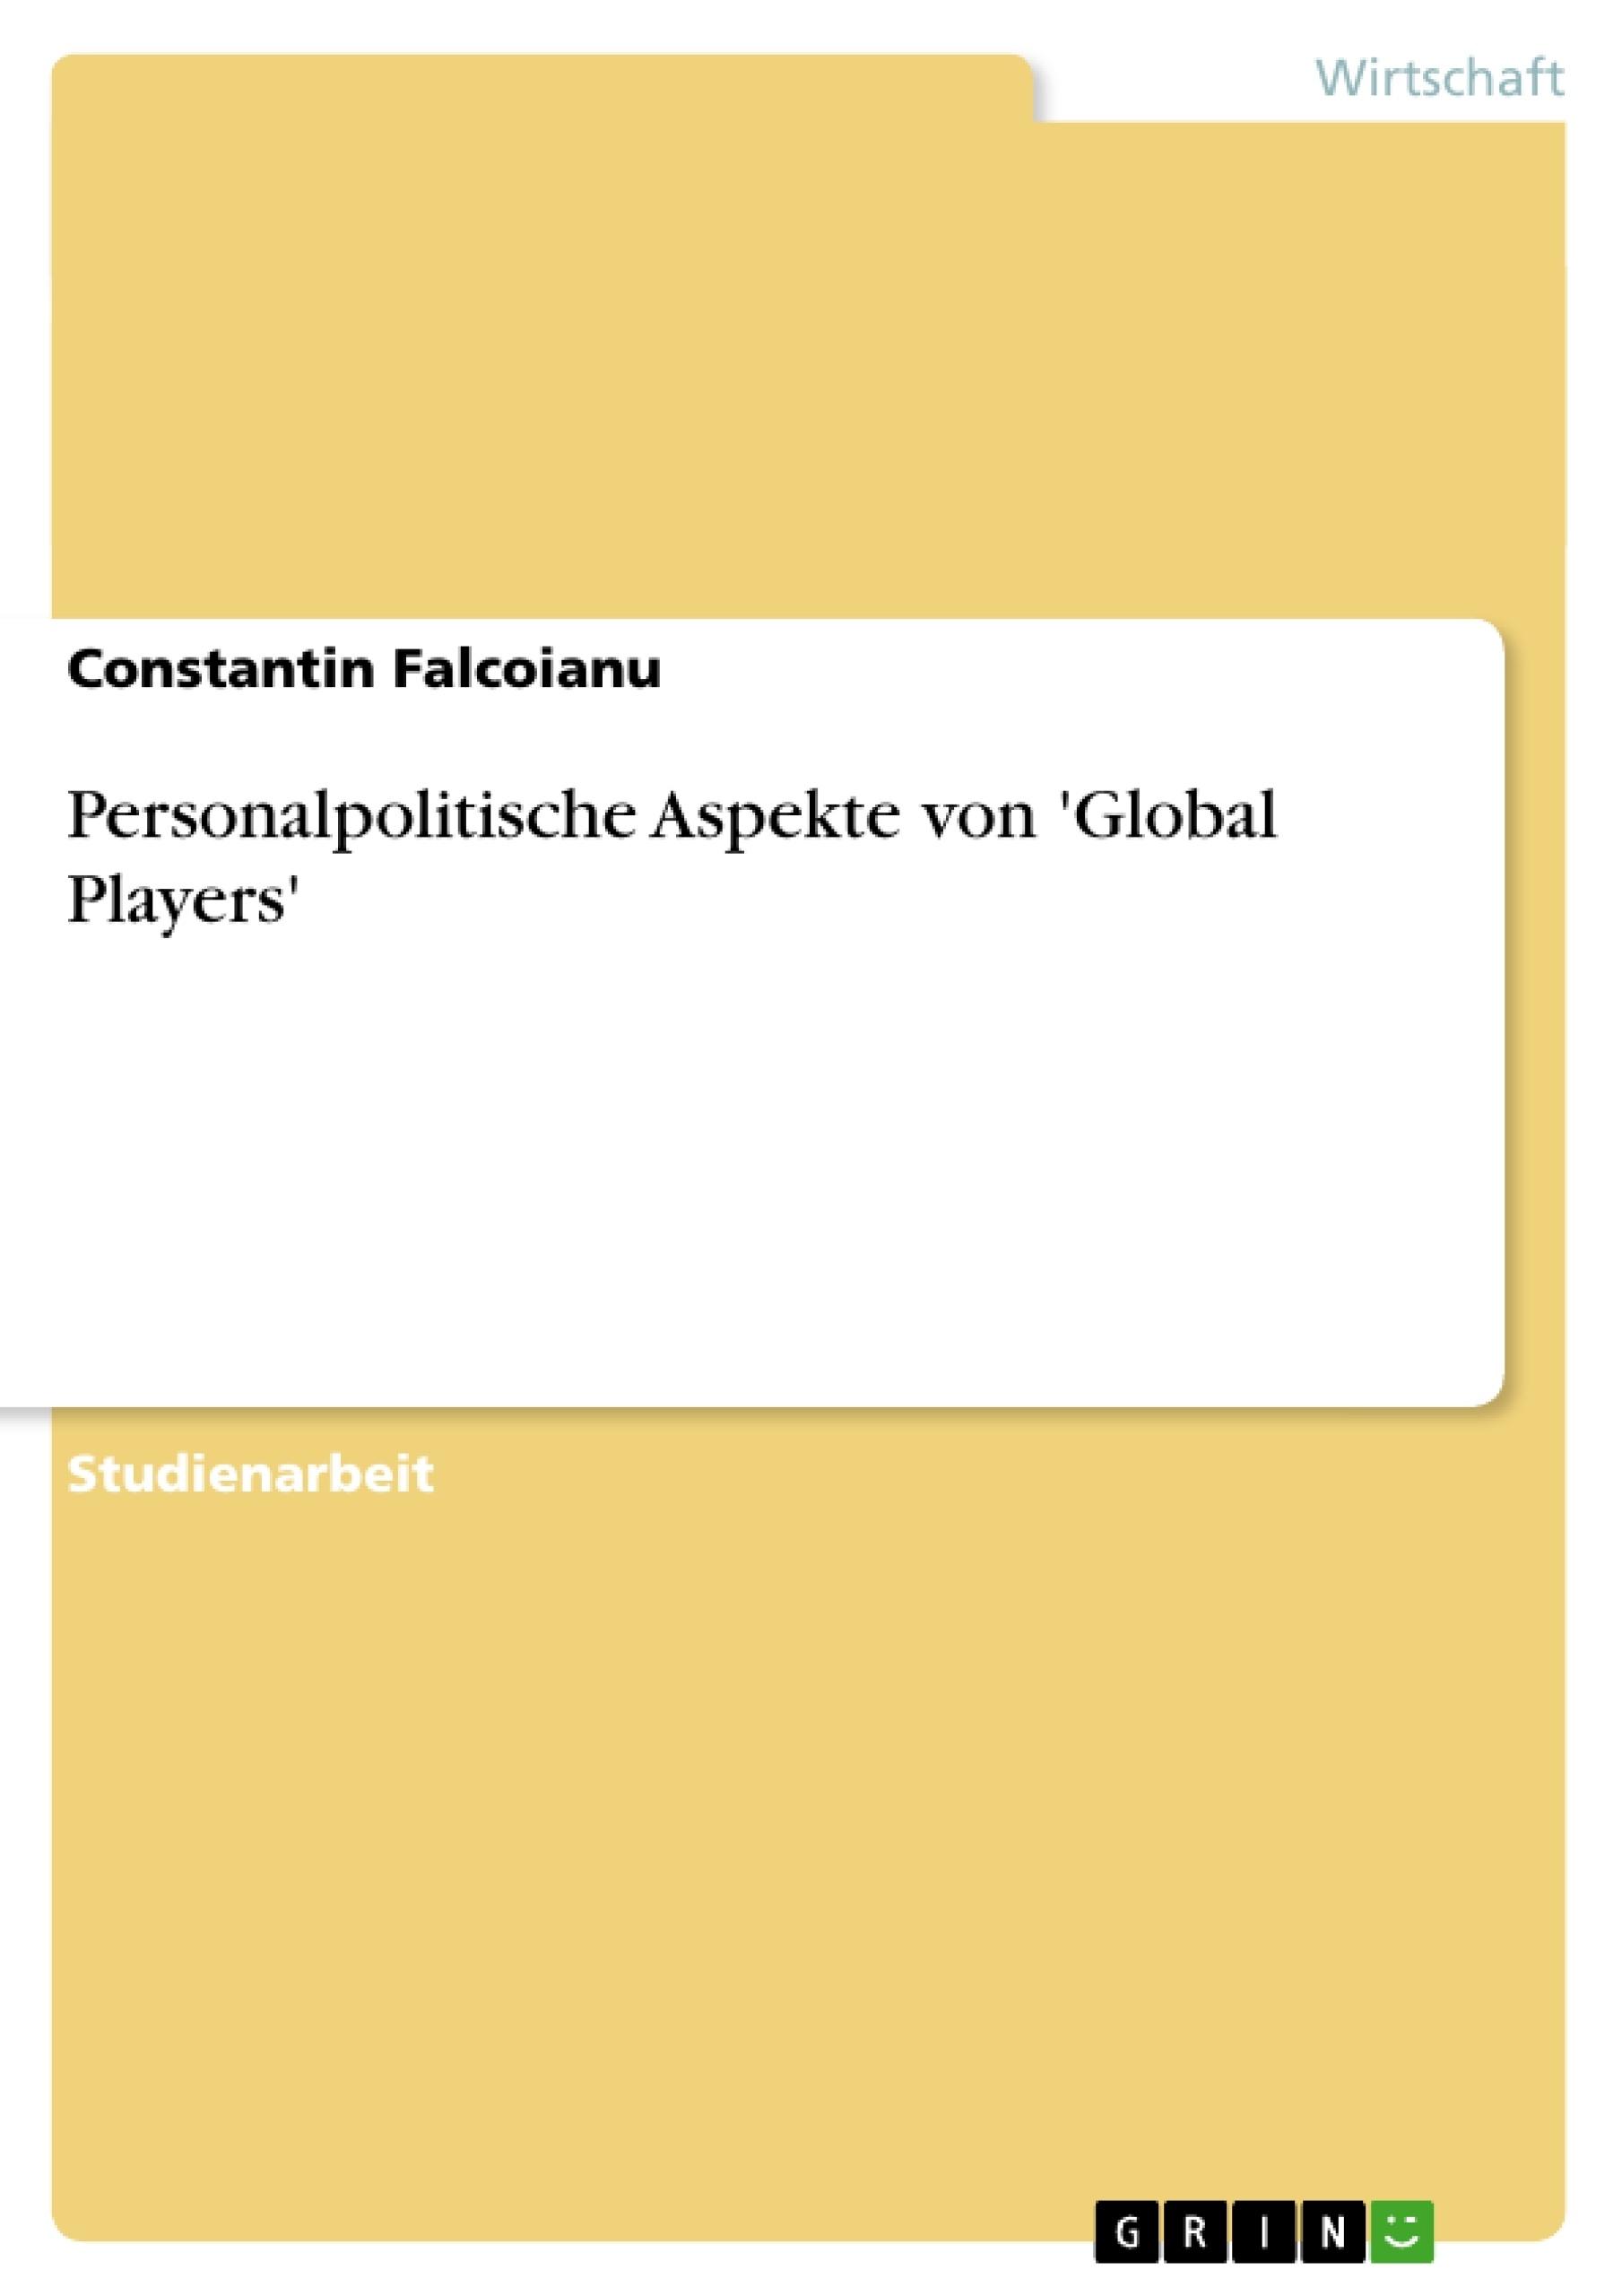 Titel: Personalpolitische Aspekte von 'Global Players'